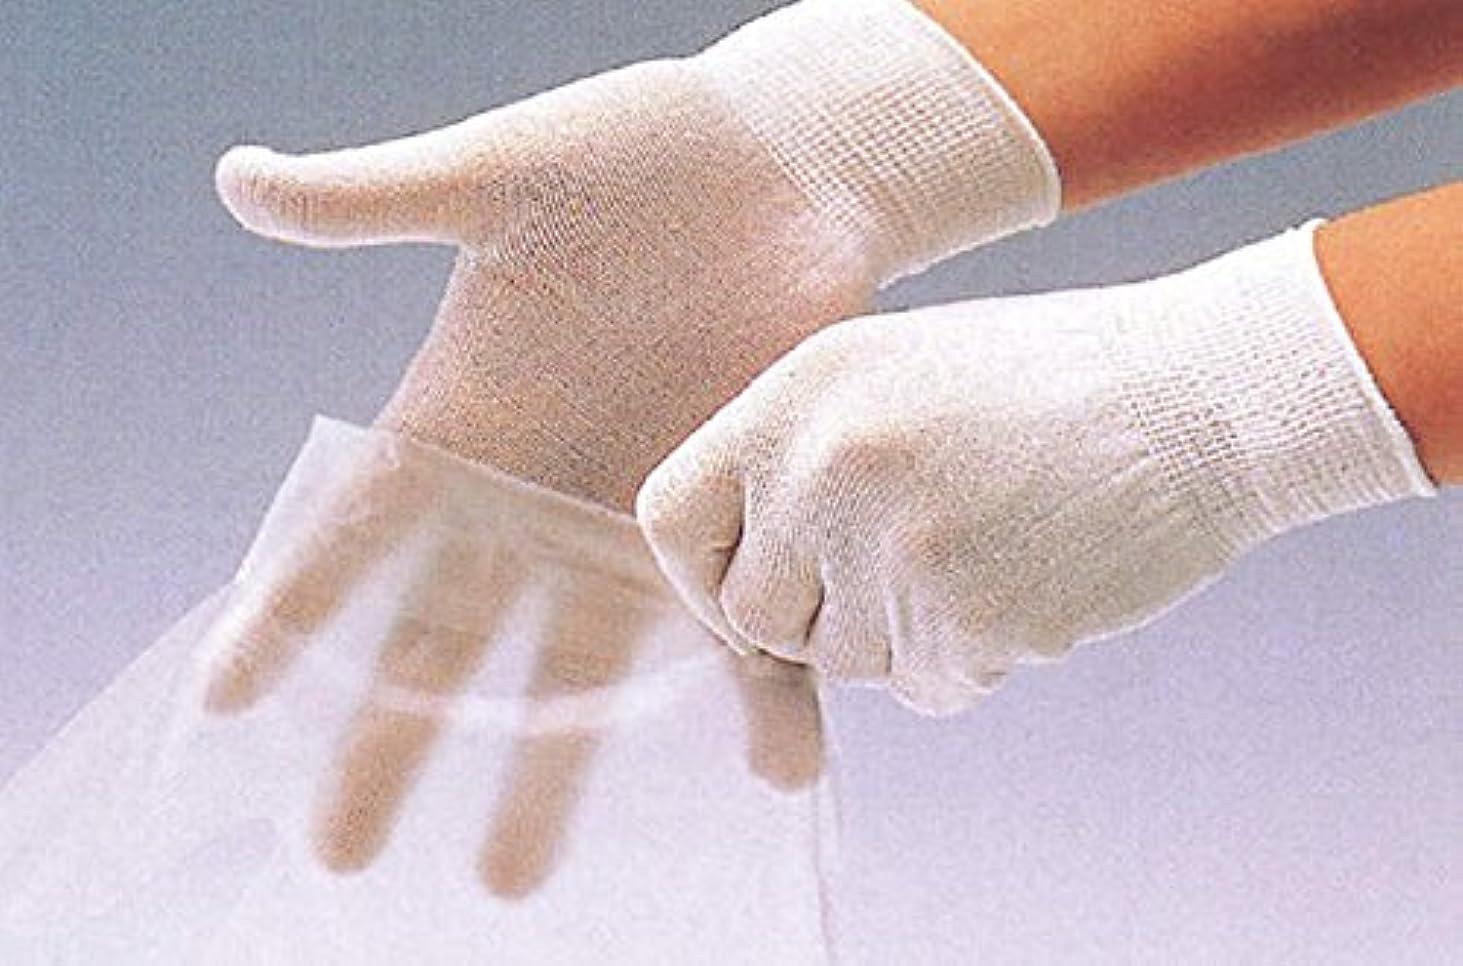 レッスンむちゃくちゃグレードキュープインナ-手袋 20枚入 B0905 フリーサイズ